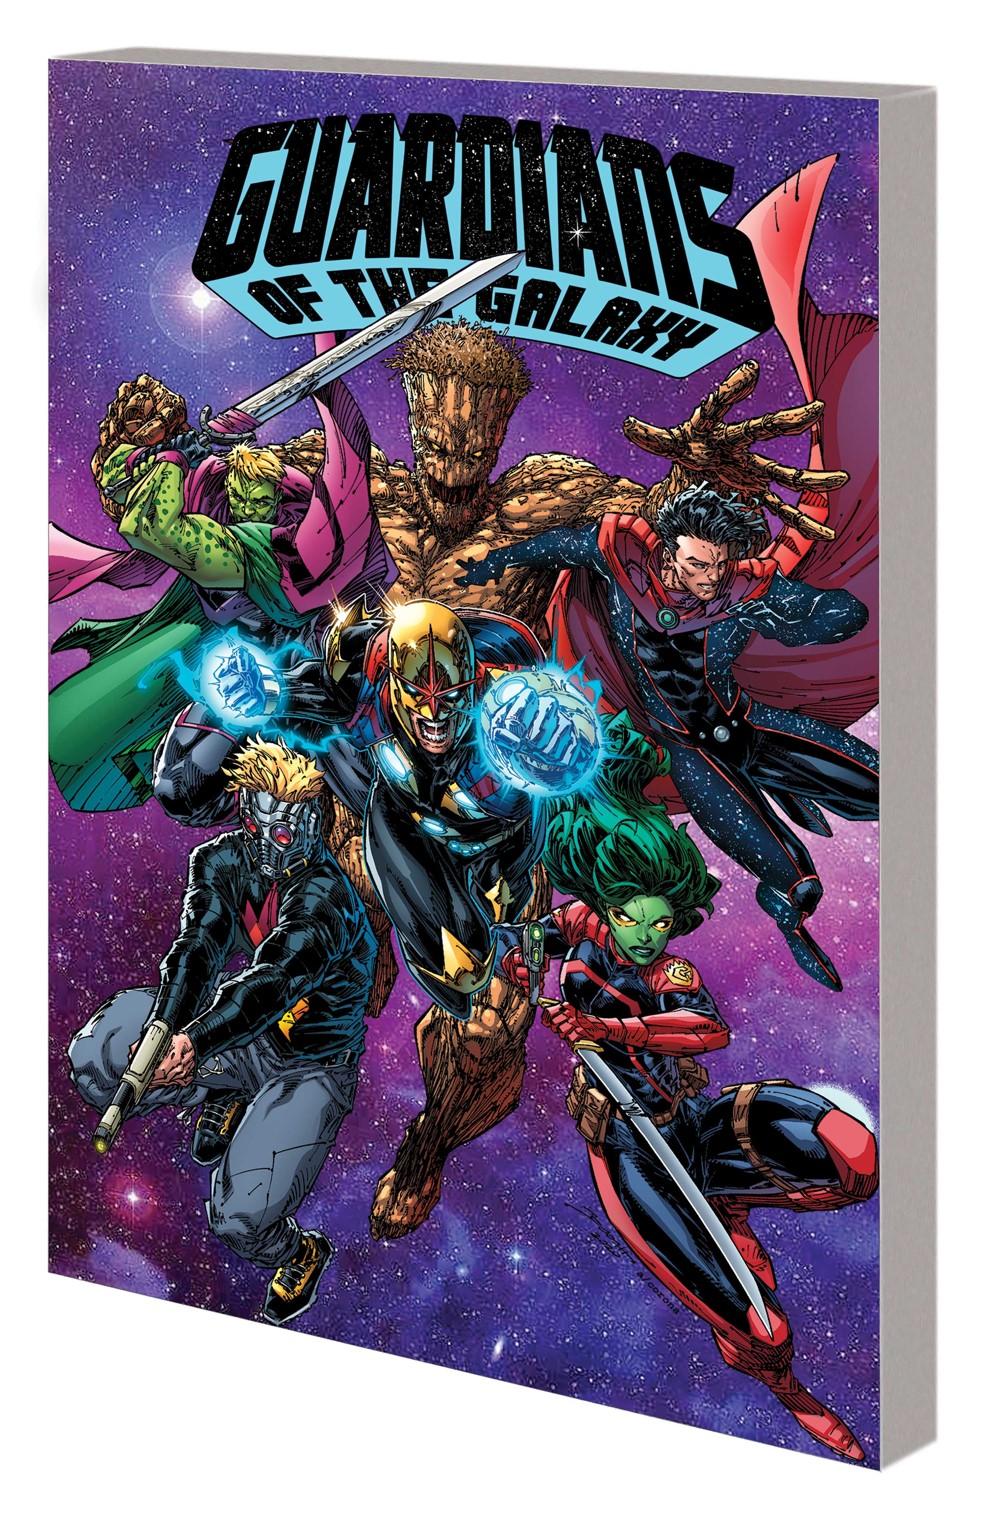 GARGAL_VOL_3_TPB Marvel Comics September 2021 Solicitations